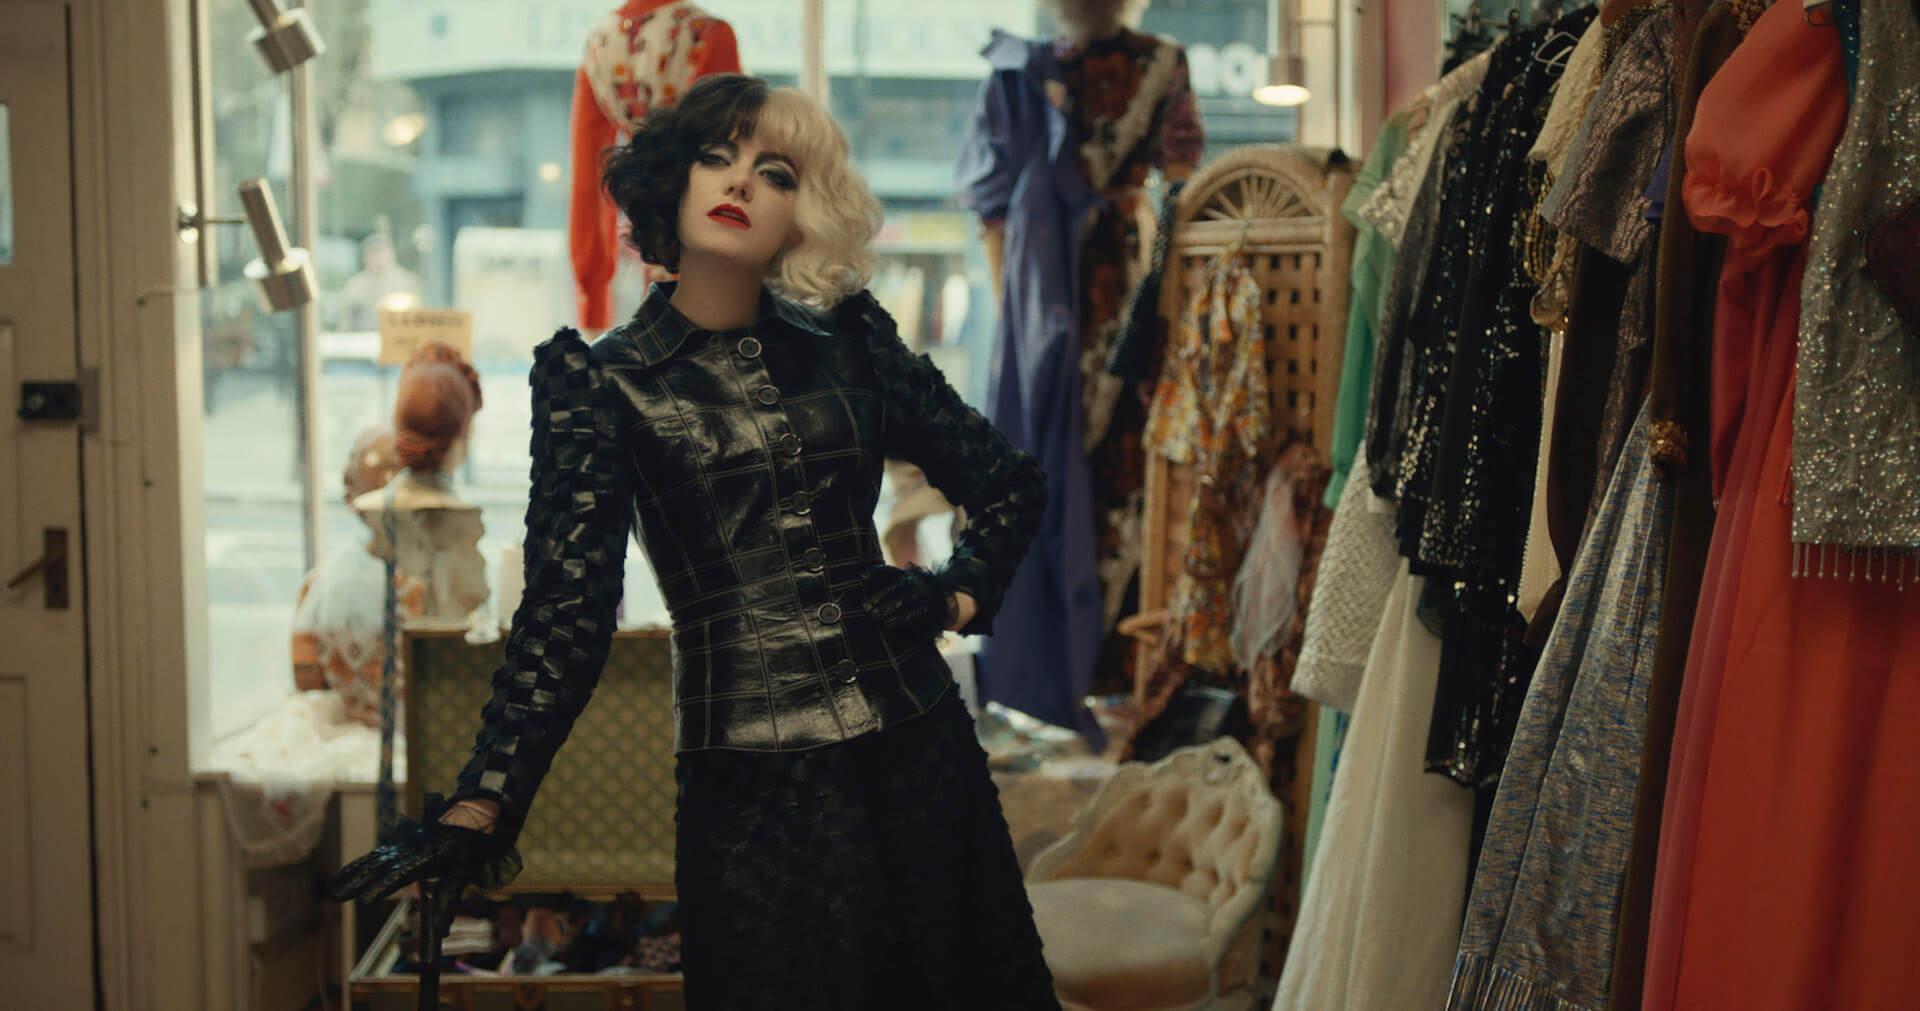 エマ・ストーン演じるエステラの身に何が起きたのか...?ディズニー最新作『クルエラ』の場面写真が一挙解禁! film210408_cruella-210408_1